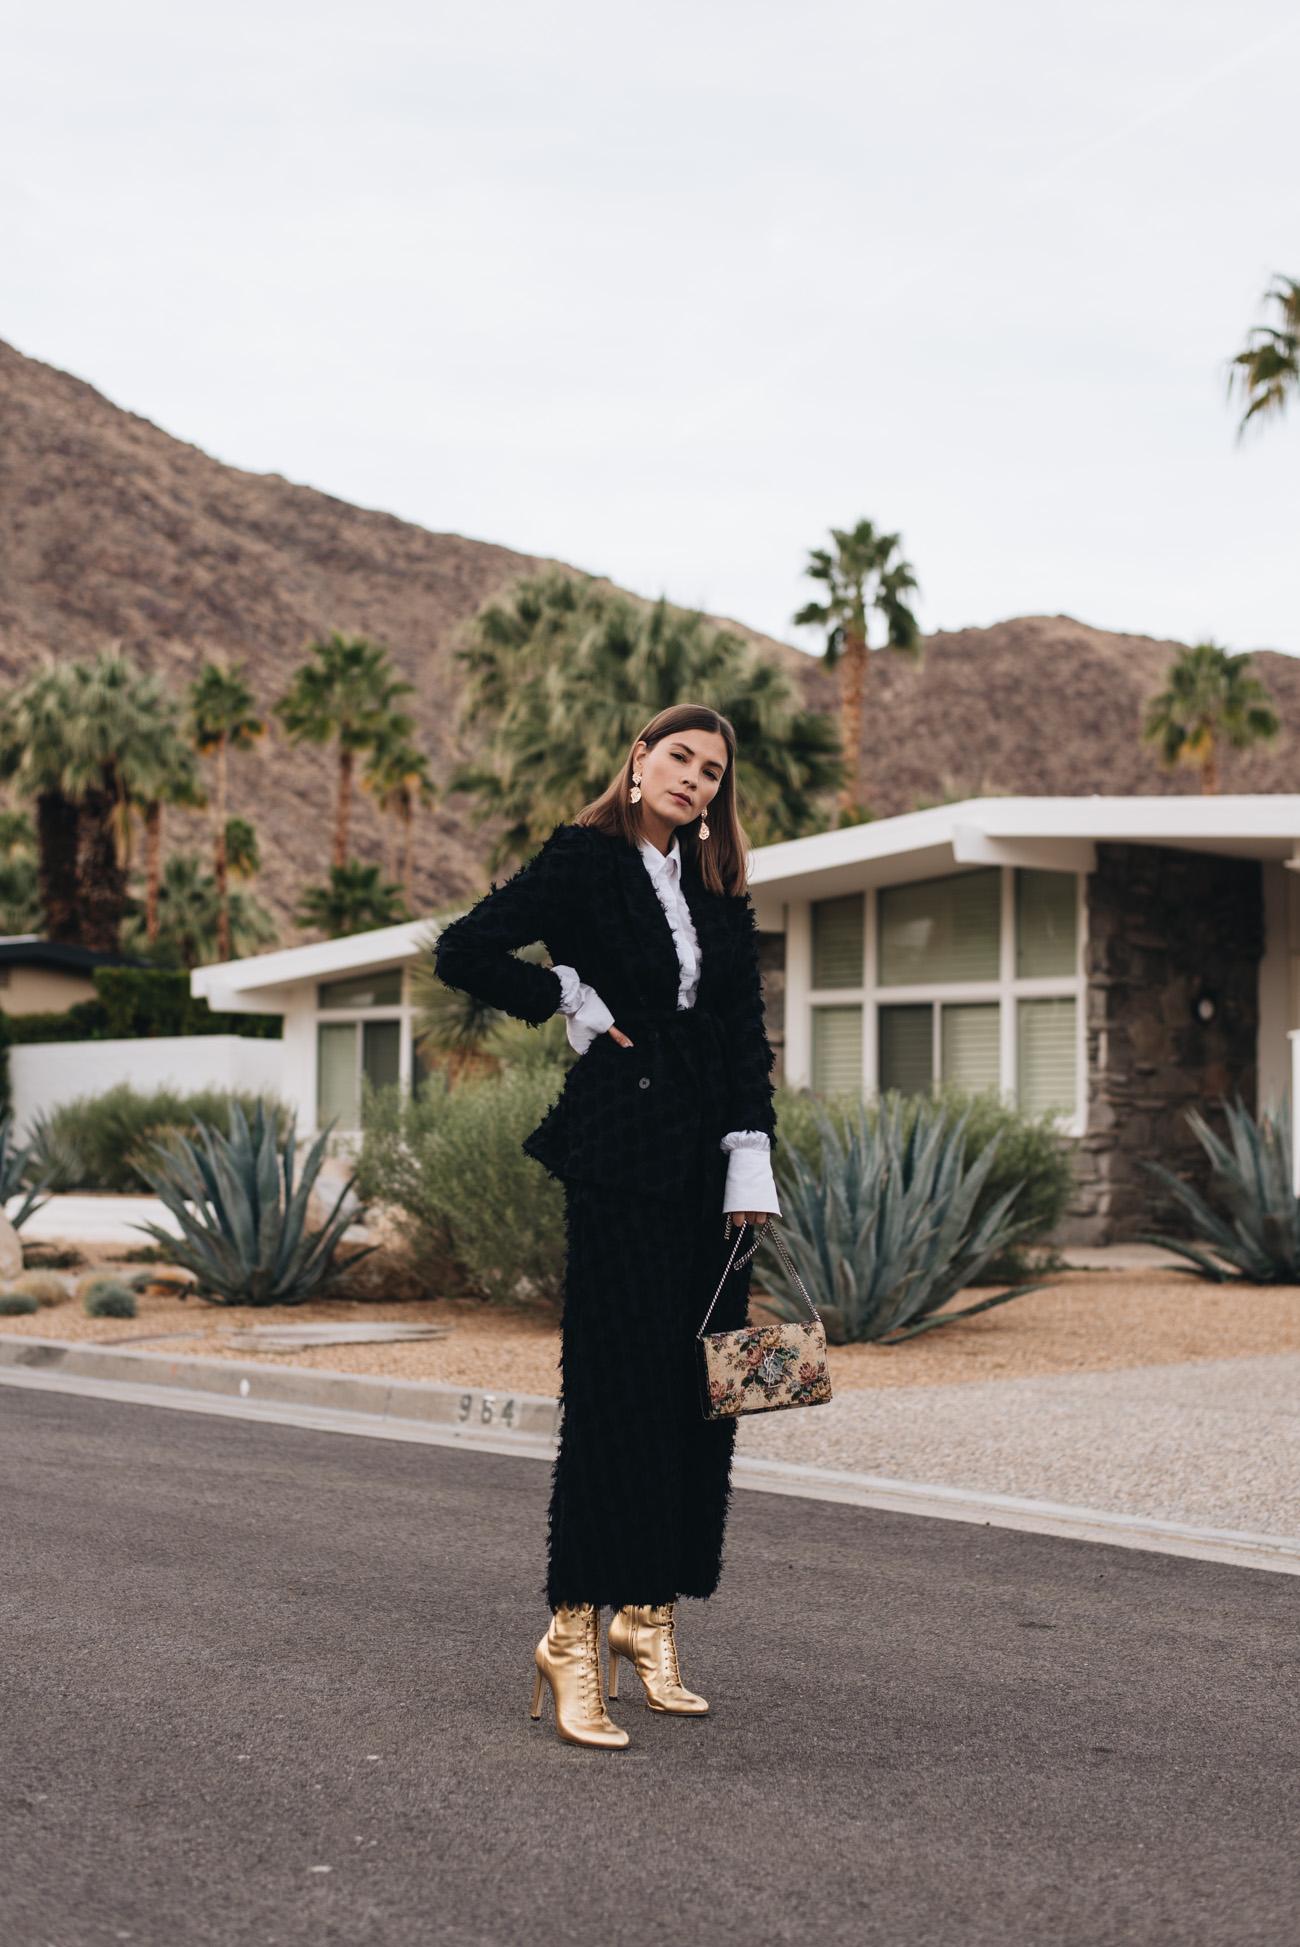 Nina-Schwichtenberg-mode-und-beauty-fashion-bloggerin-modebloggerin-deutschland-münchen-fashiioncarpet-styling-tipps-hosenanzug-zweiteiler